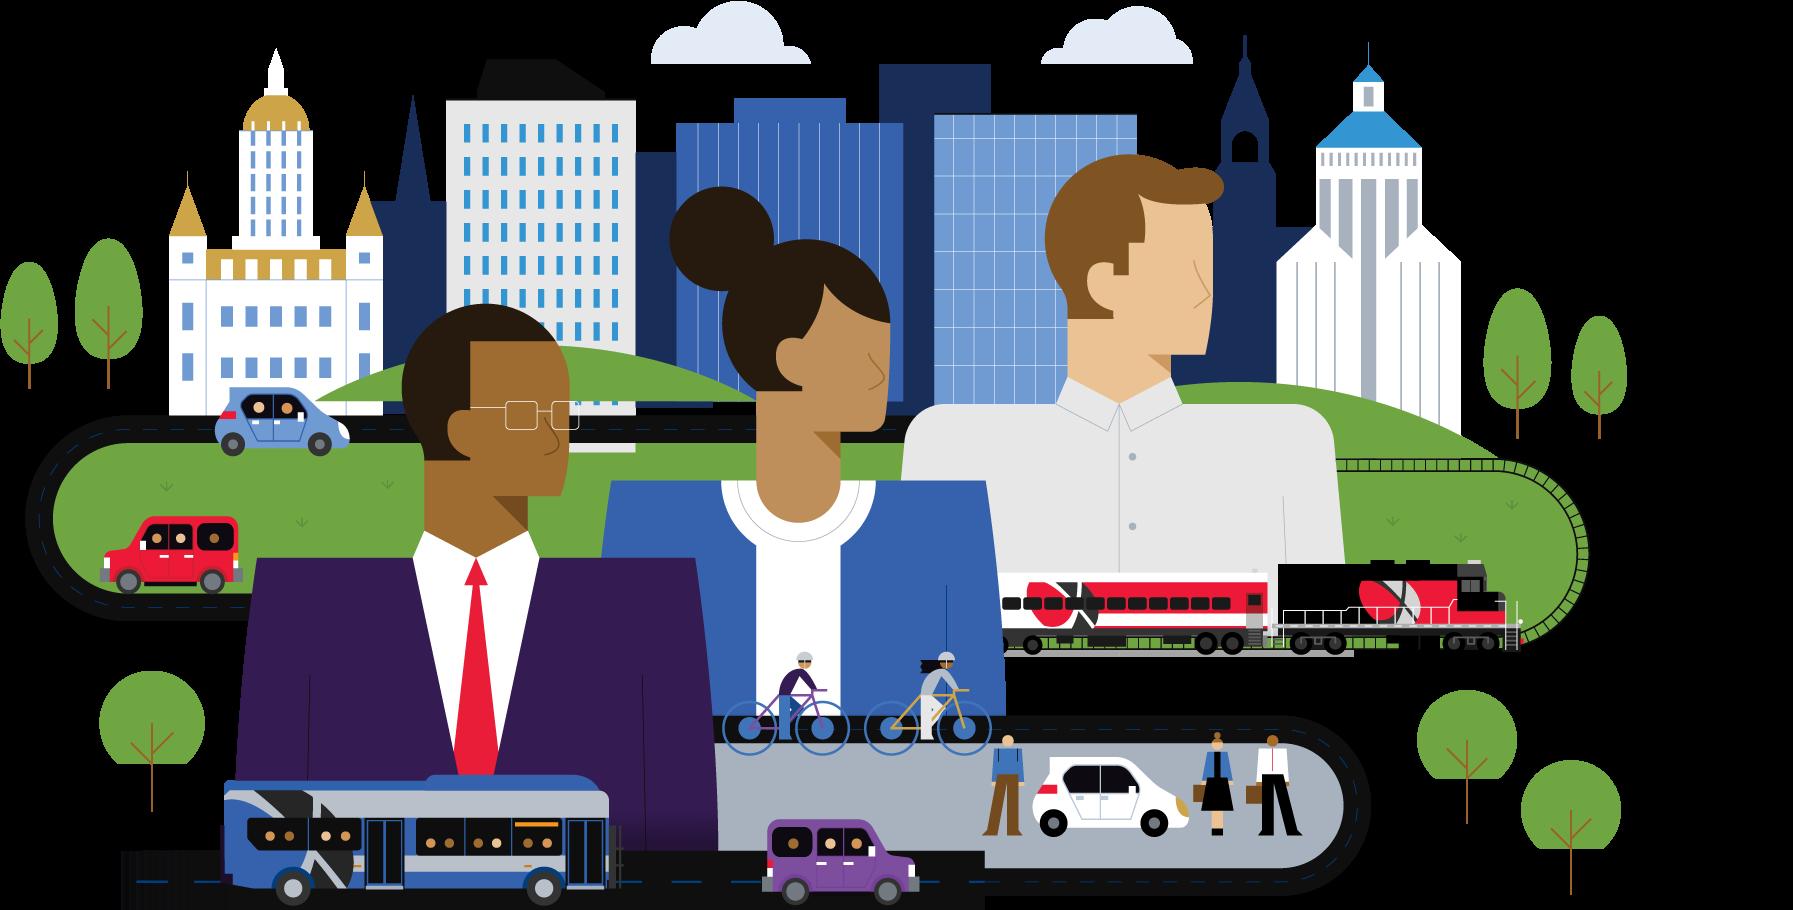 Transportation Leaders illustration for greener commutes